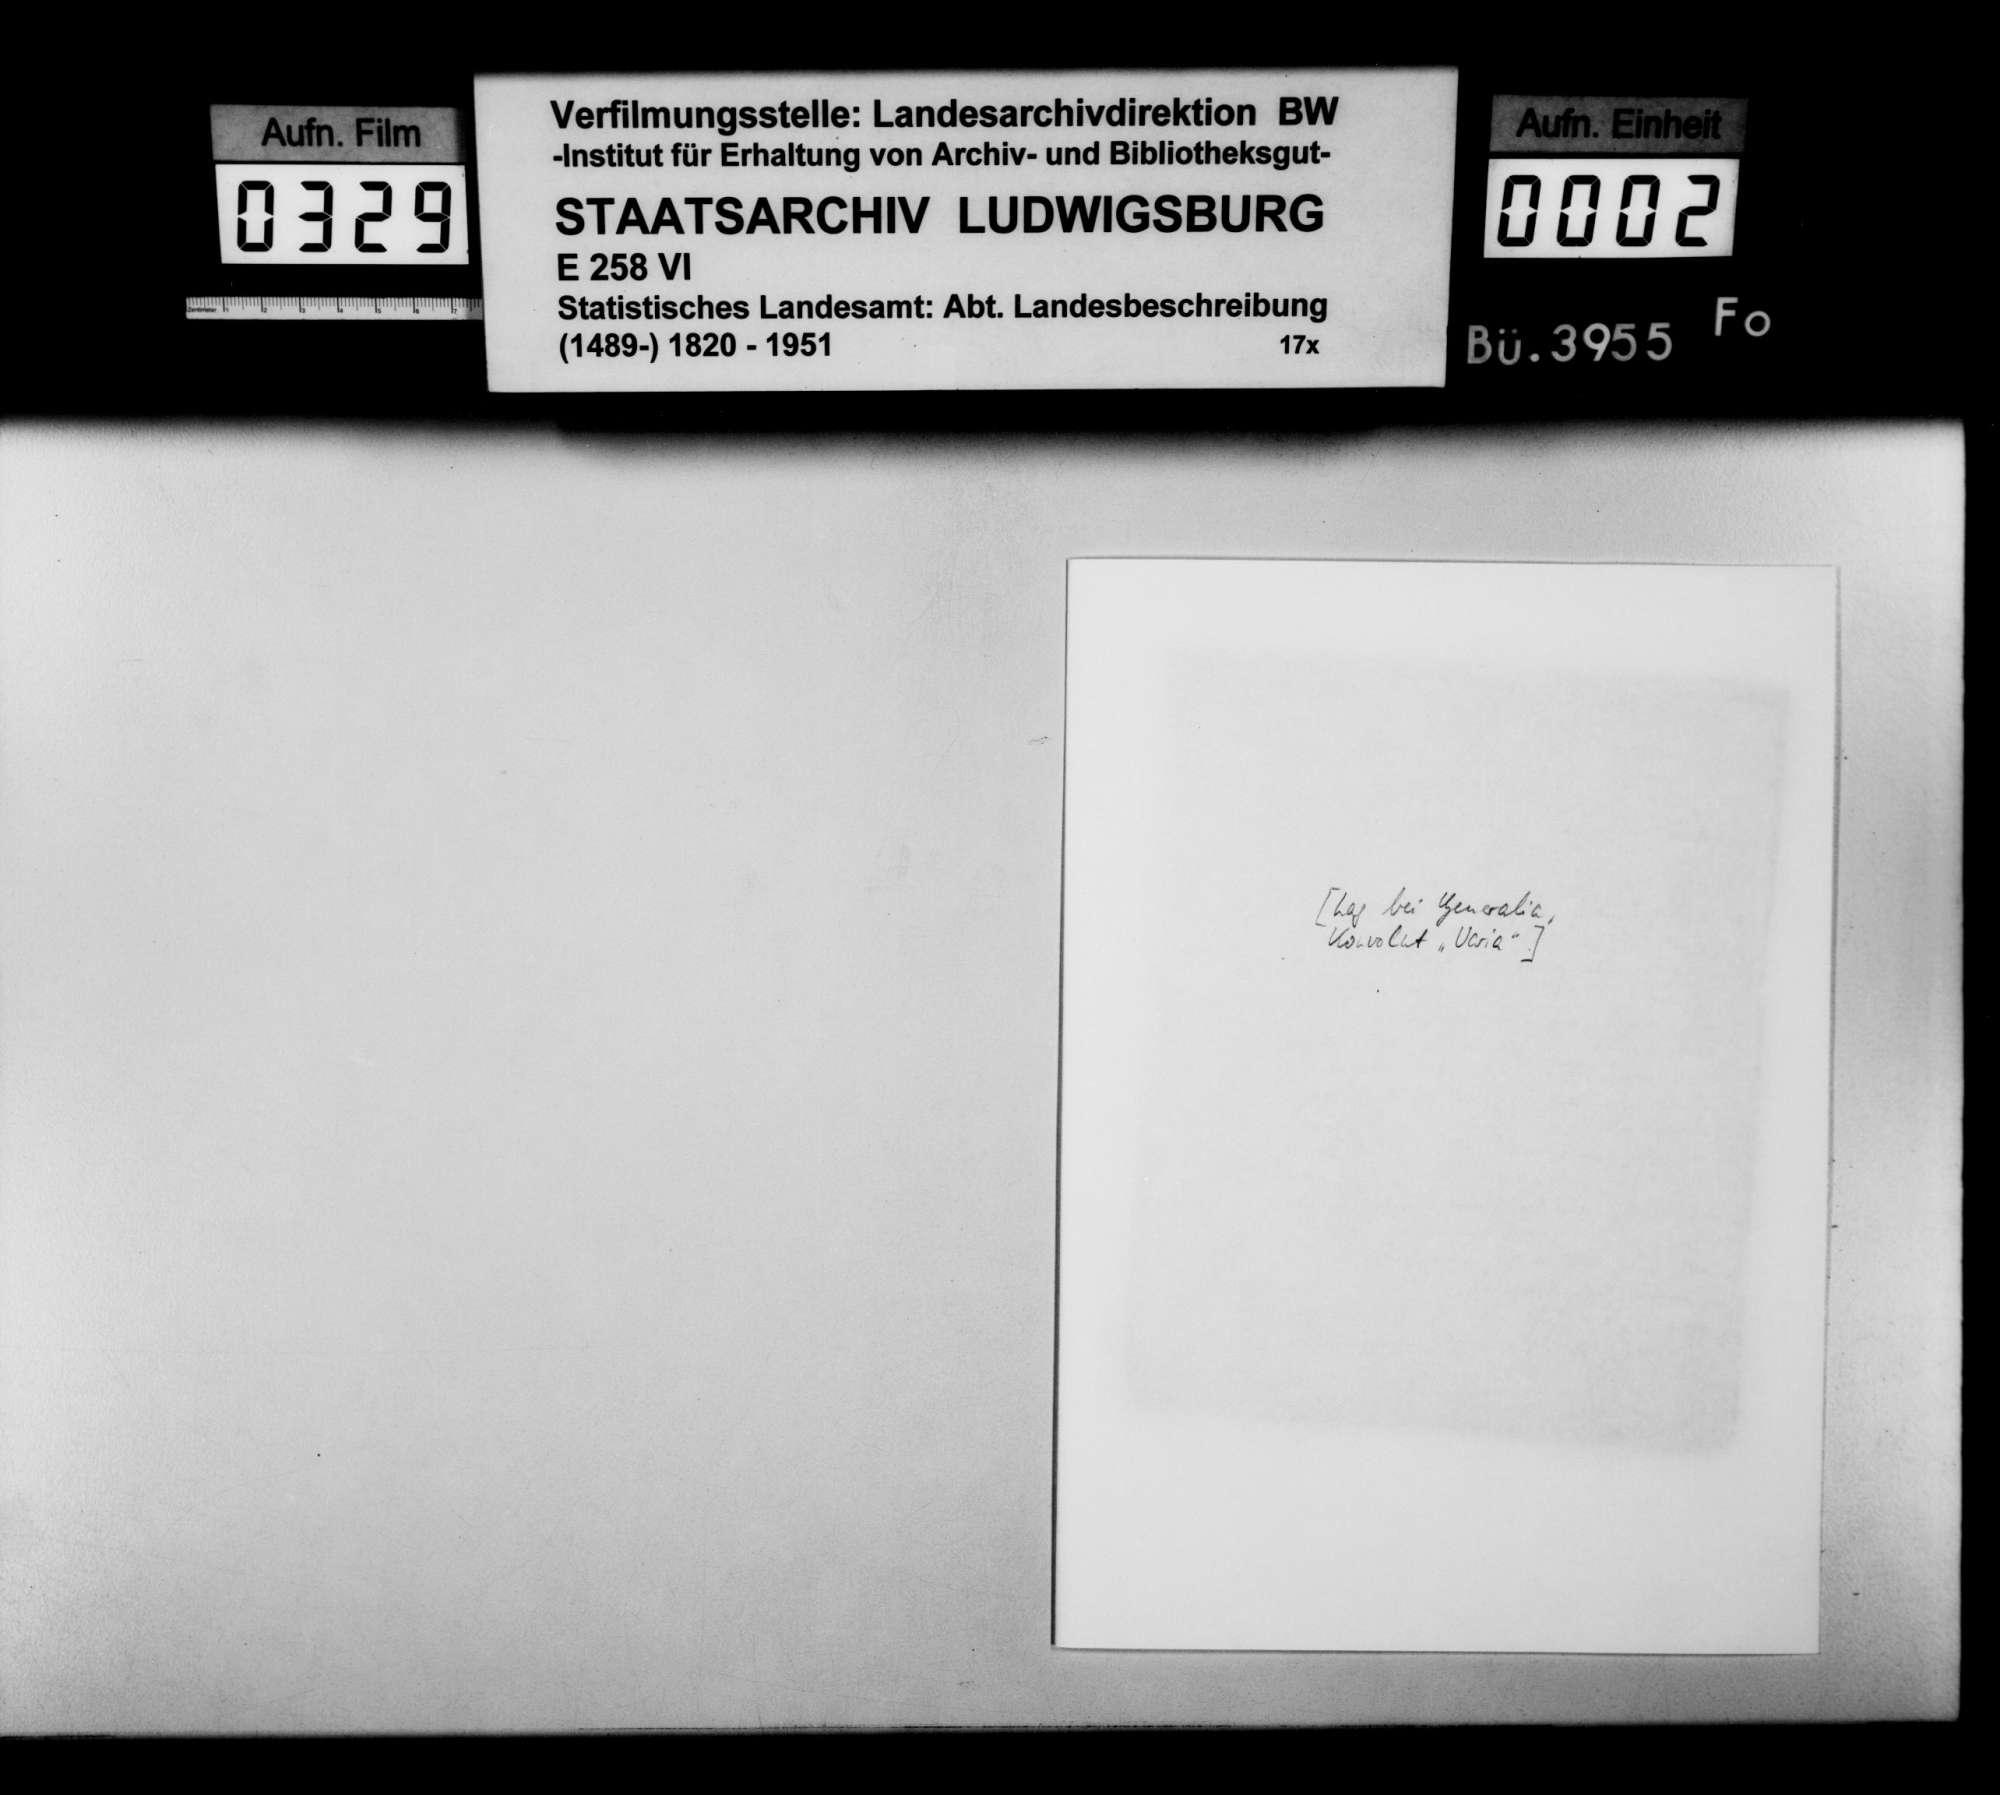 Mitarbeit an der und Auskünfte zur OAB, von Pfarrer Dieterich aus Langenau, Bild 1